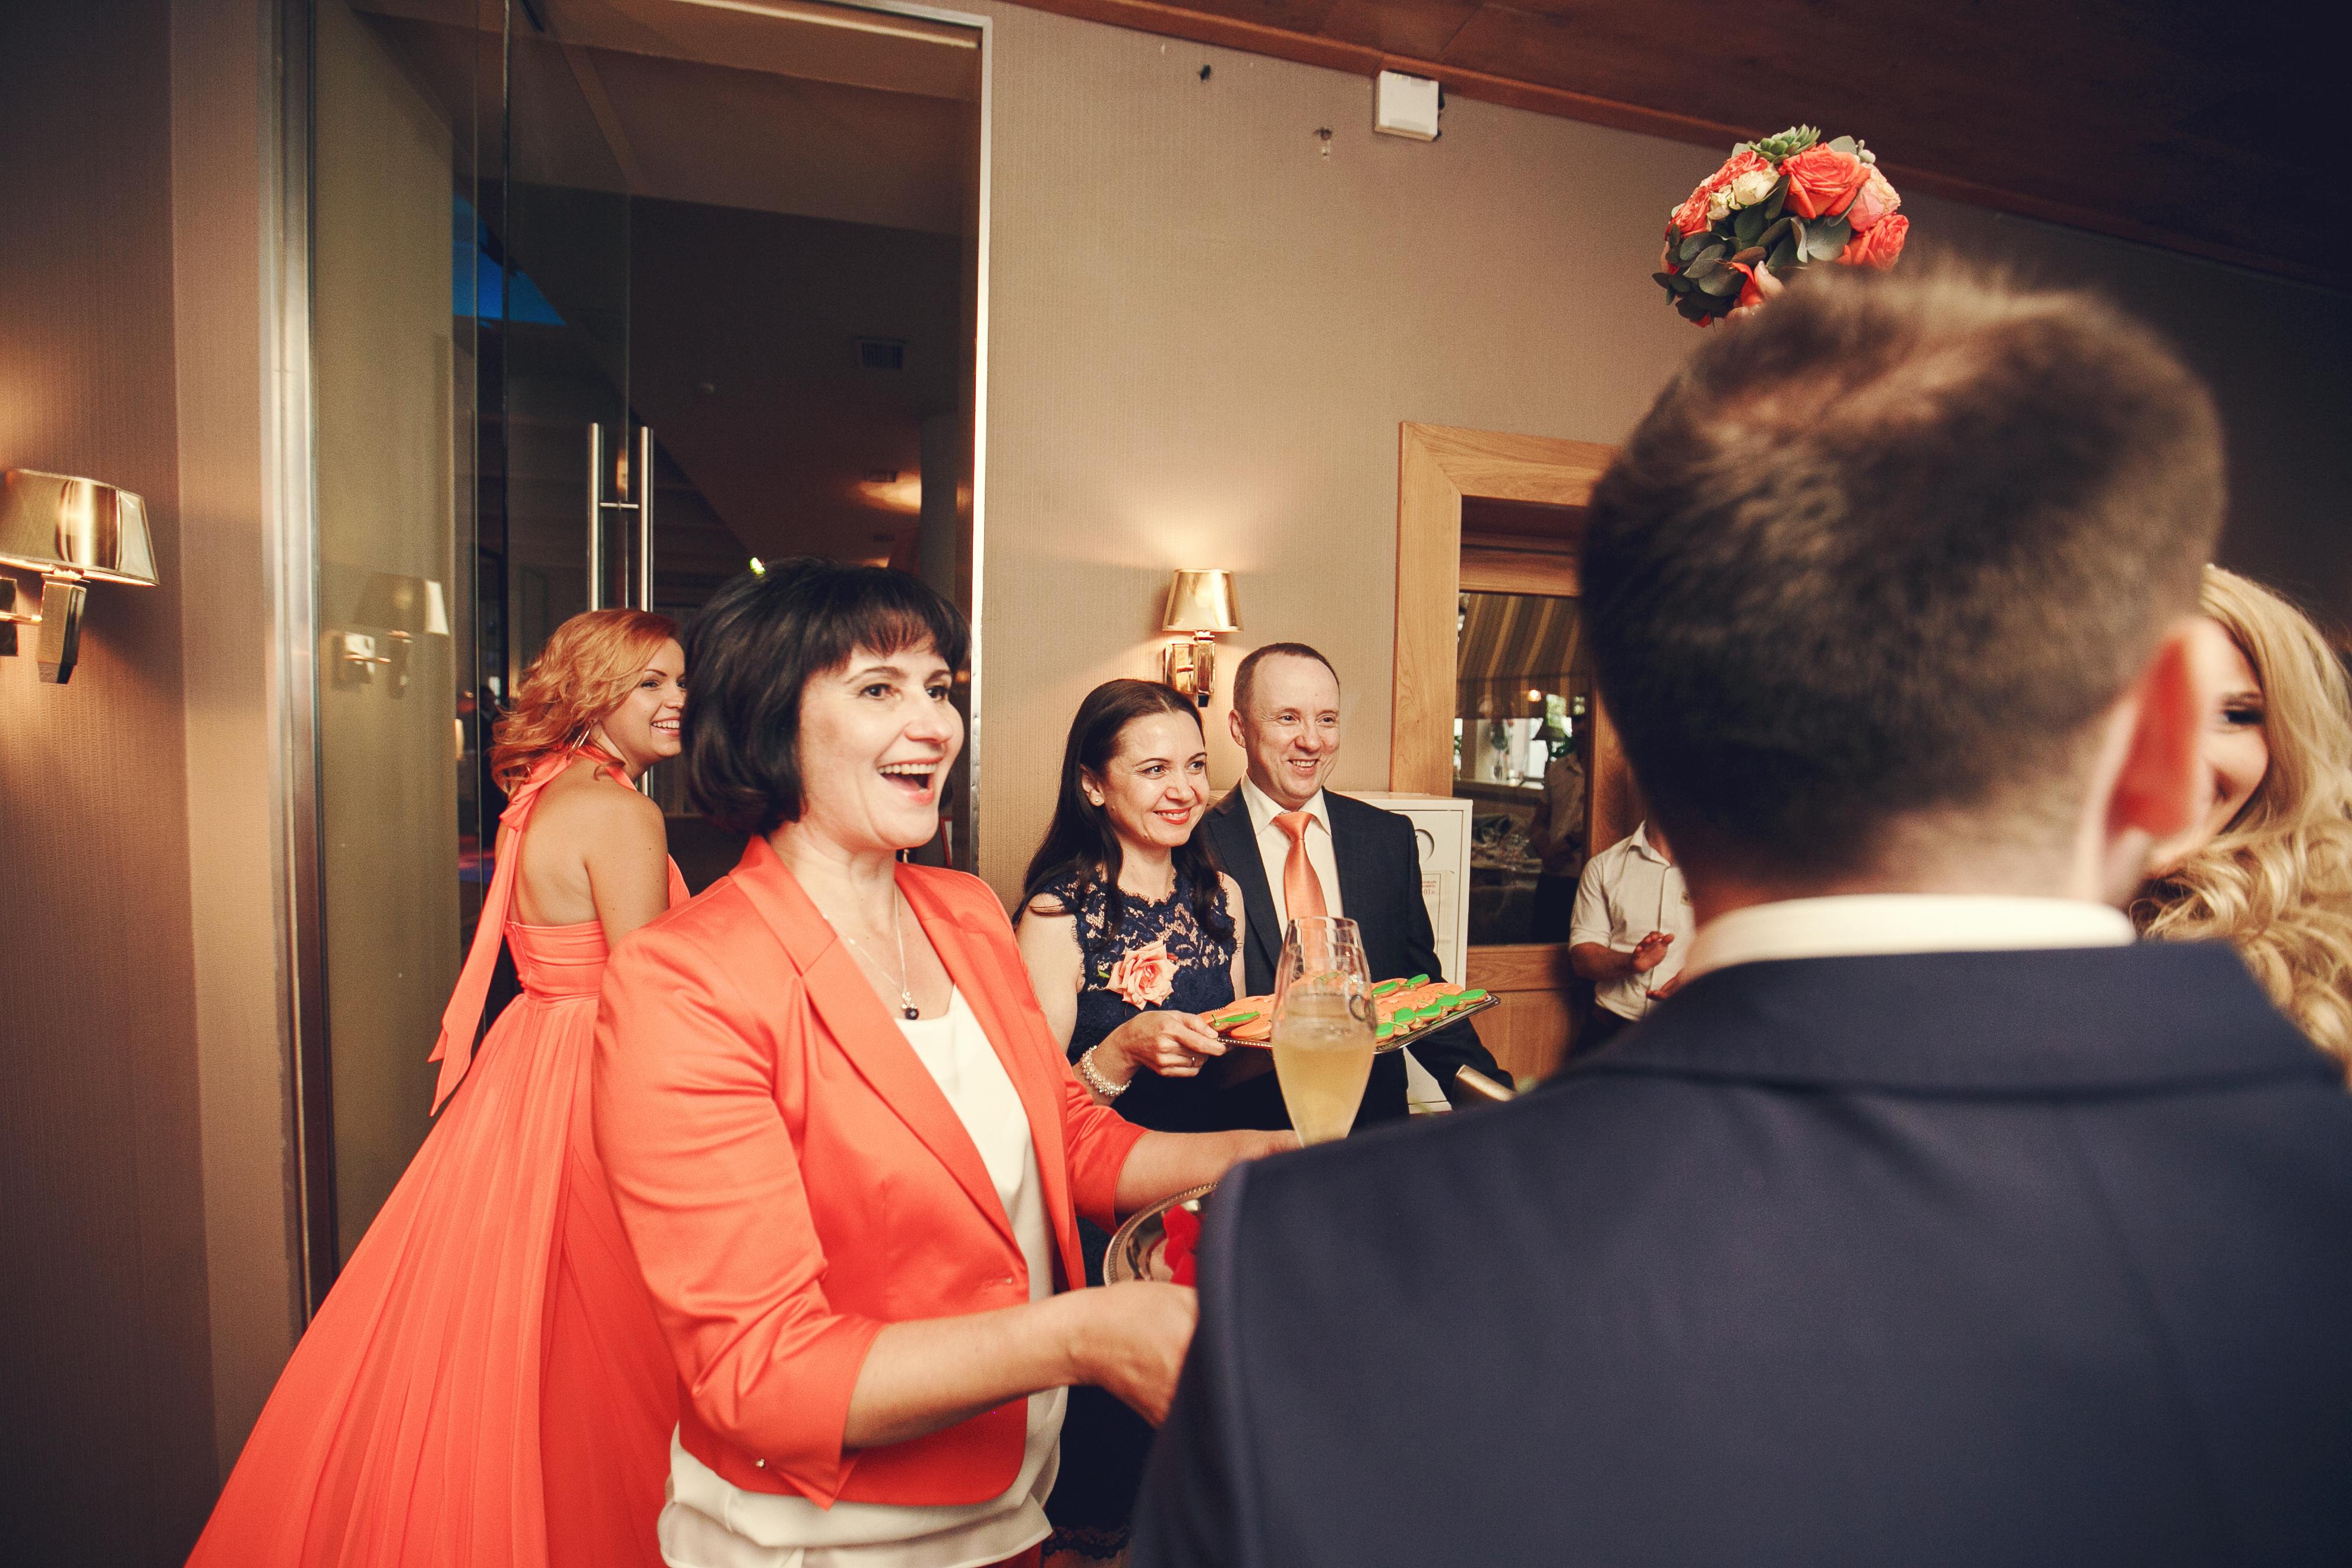 Фото 12 свадьба в Москве в оранжевом цвете | ведущая свадьбы - Катрин Моро